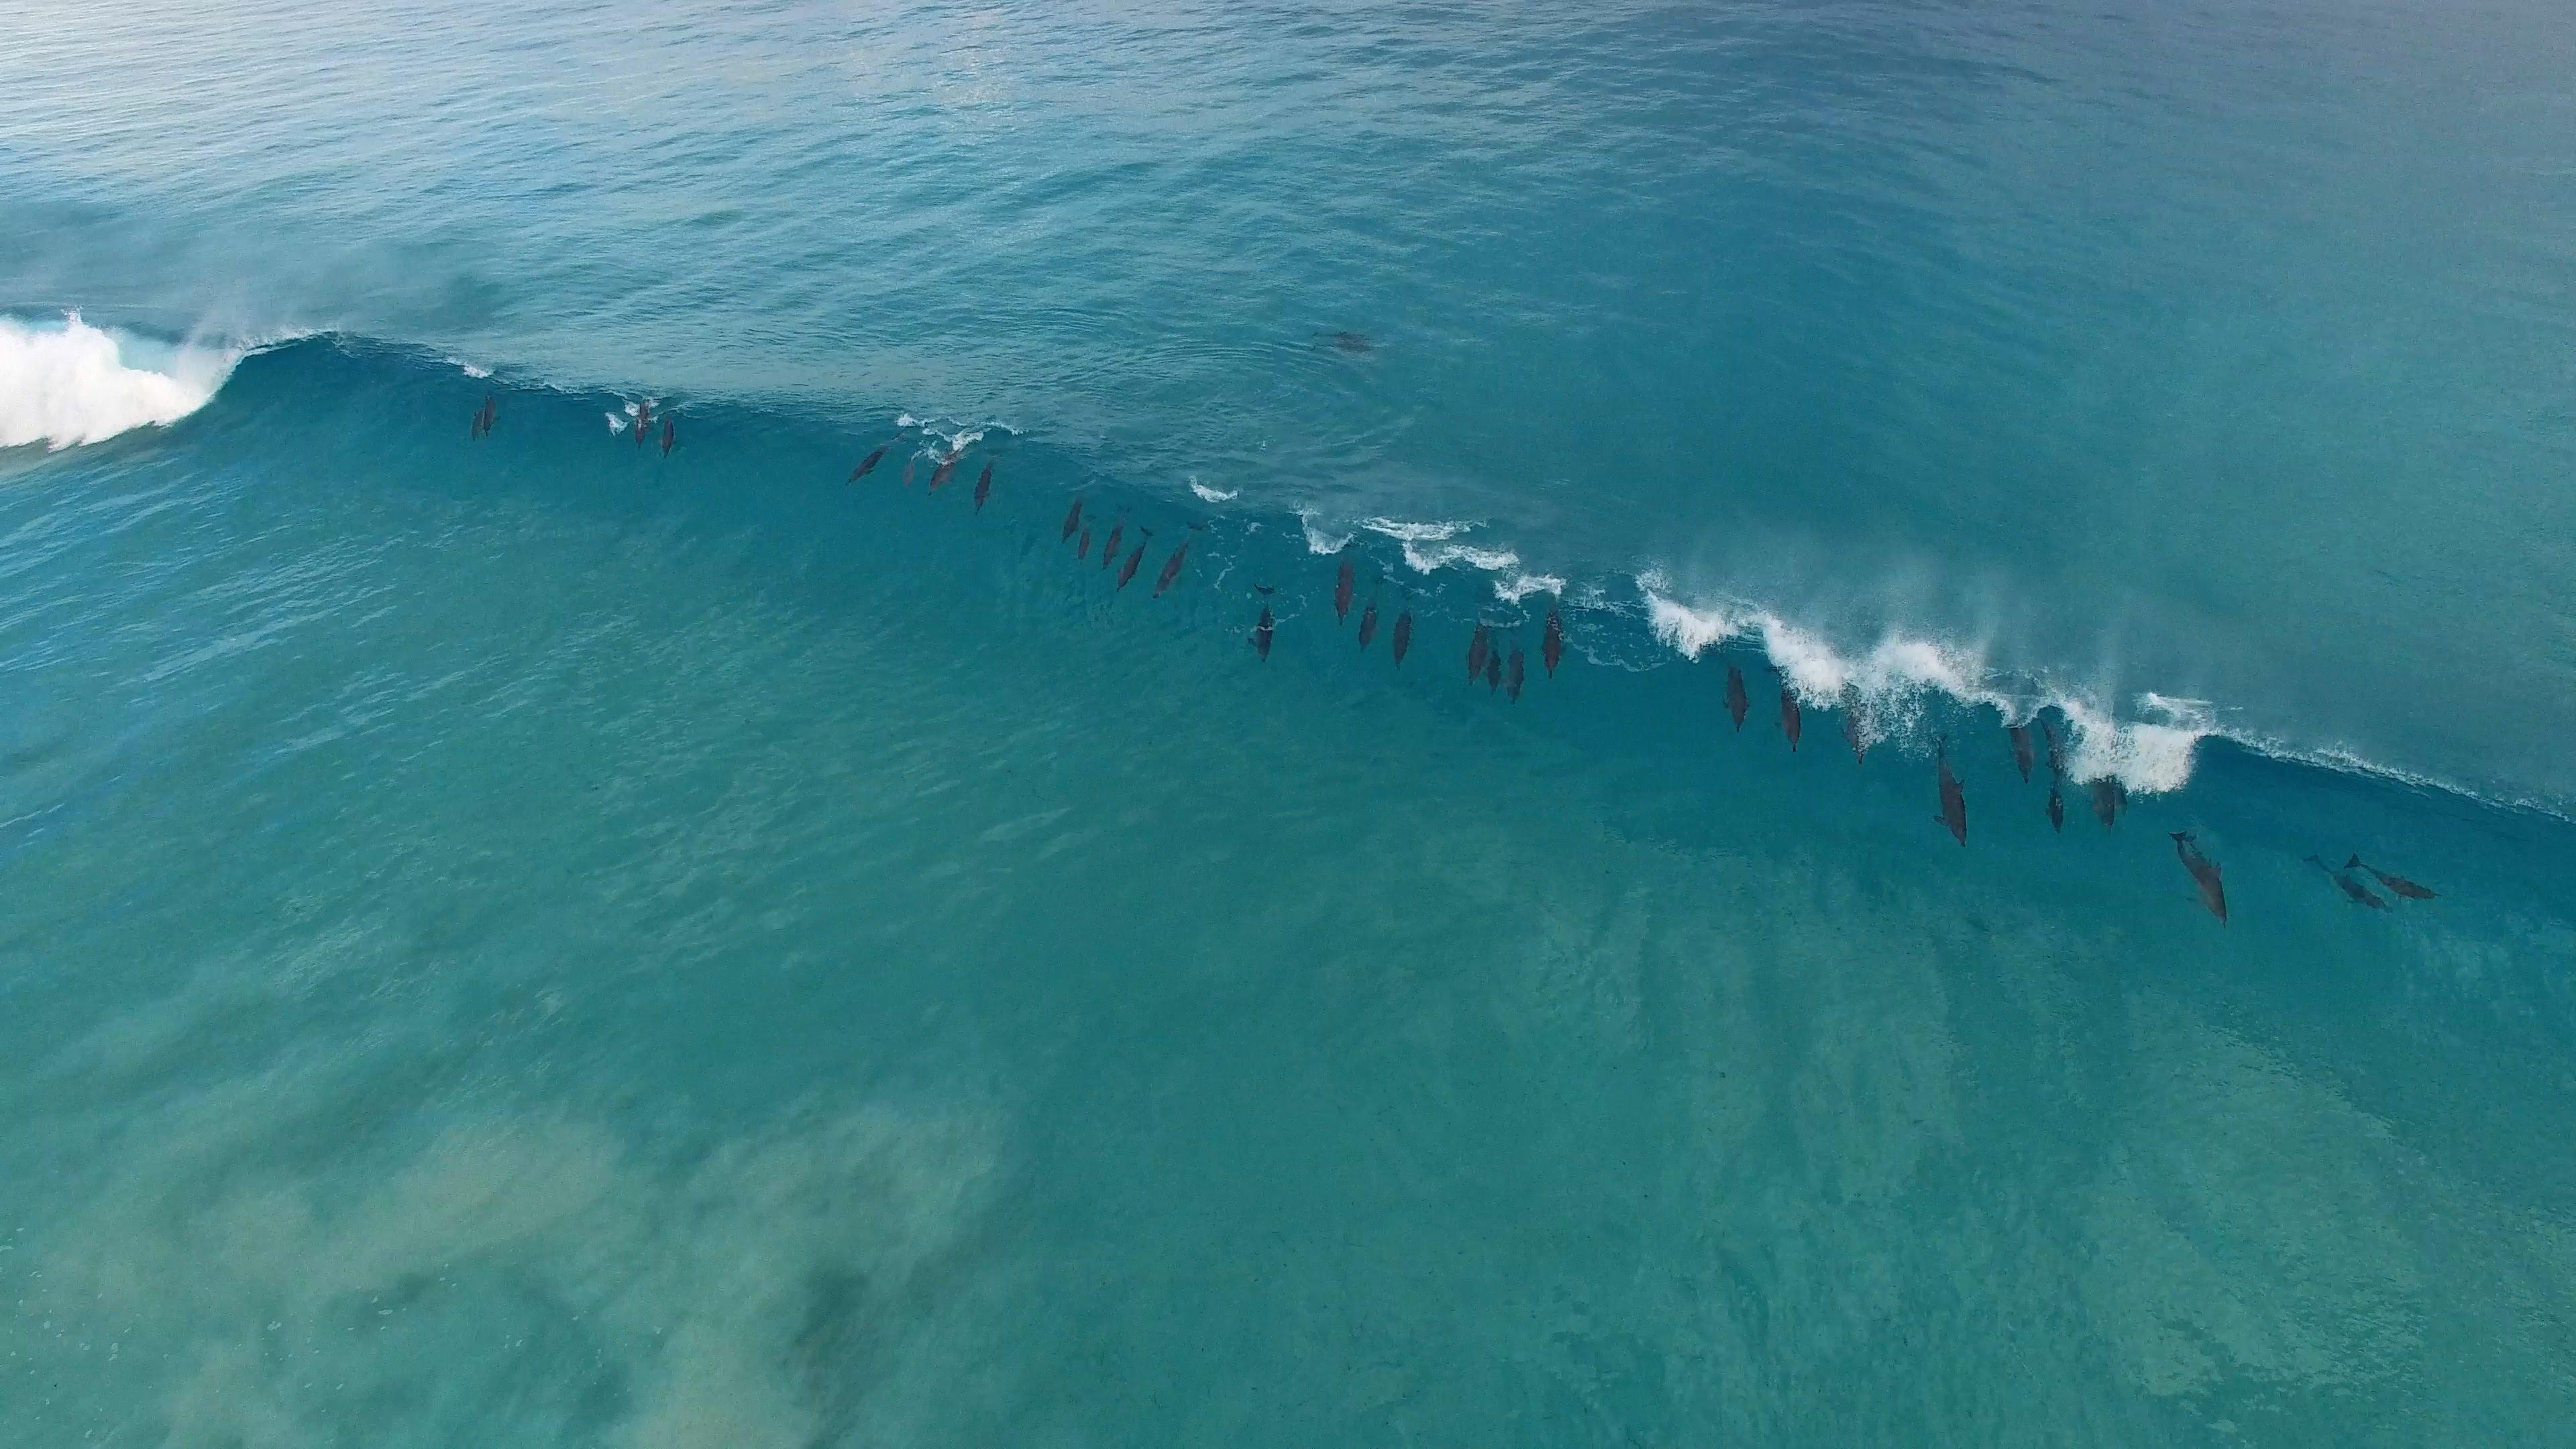 Surfing in Western Australia: Esperance